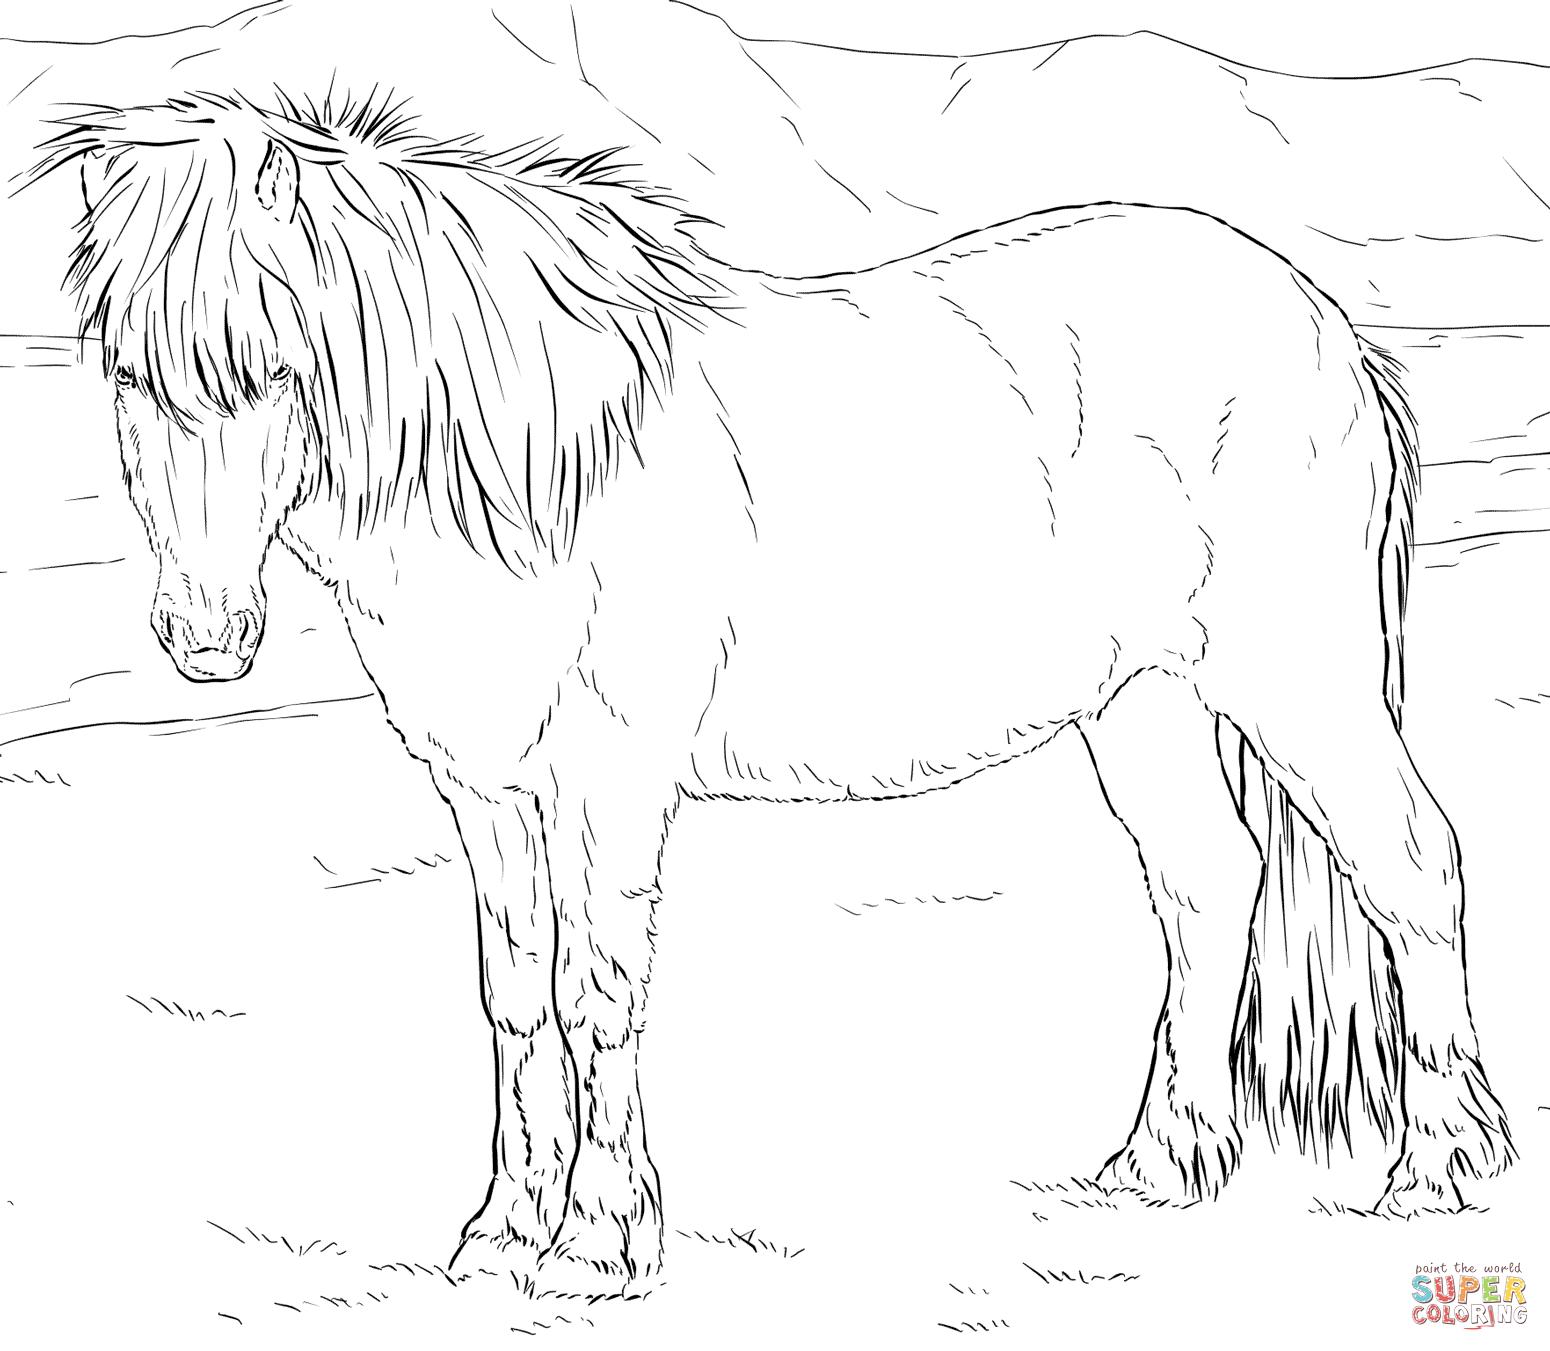 Kategorien Pferde Kostenlose Ausmalbilder in einer Vielzahl von Themenbereichen zum Ausdrucken und Anmalen